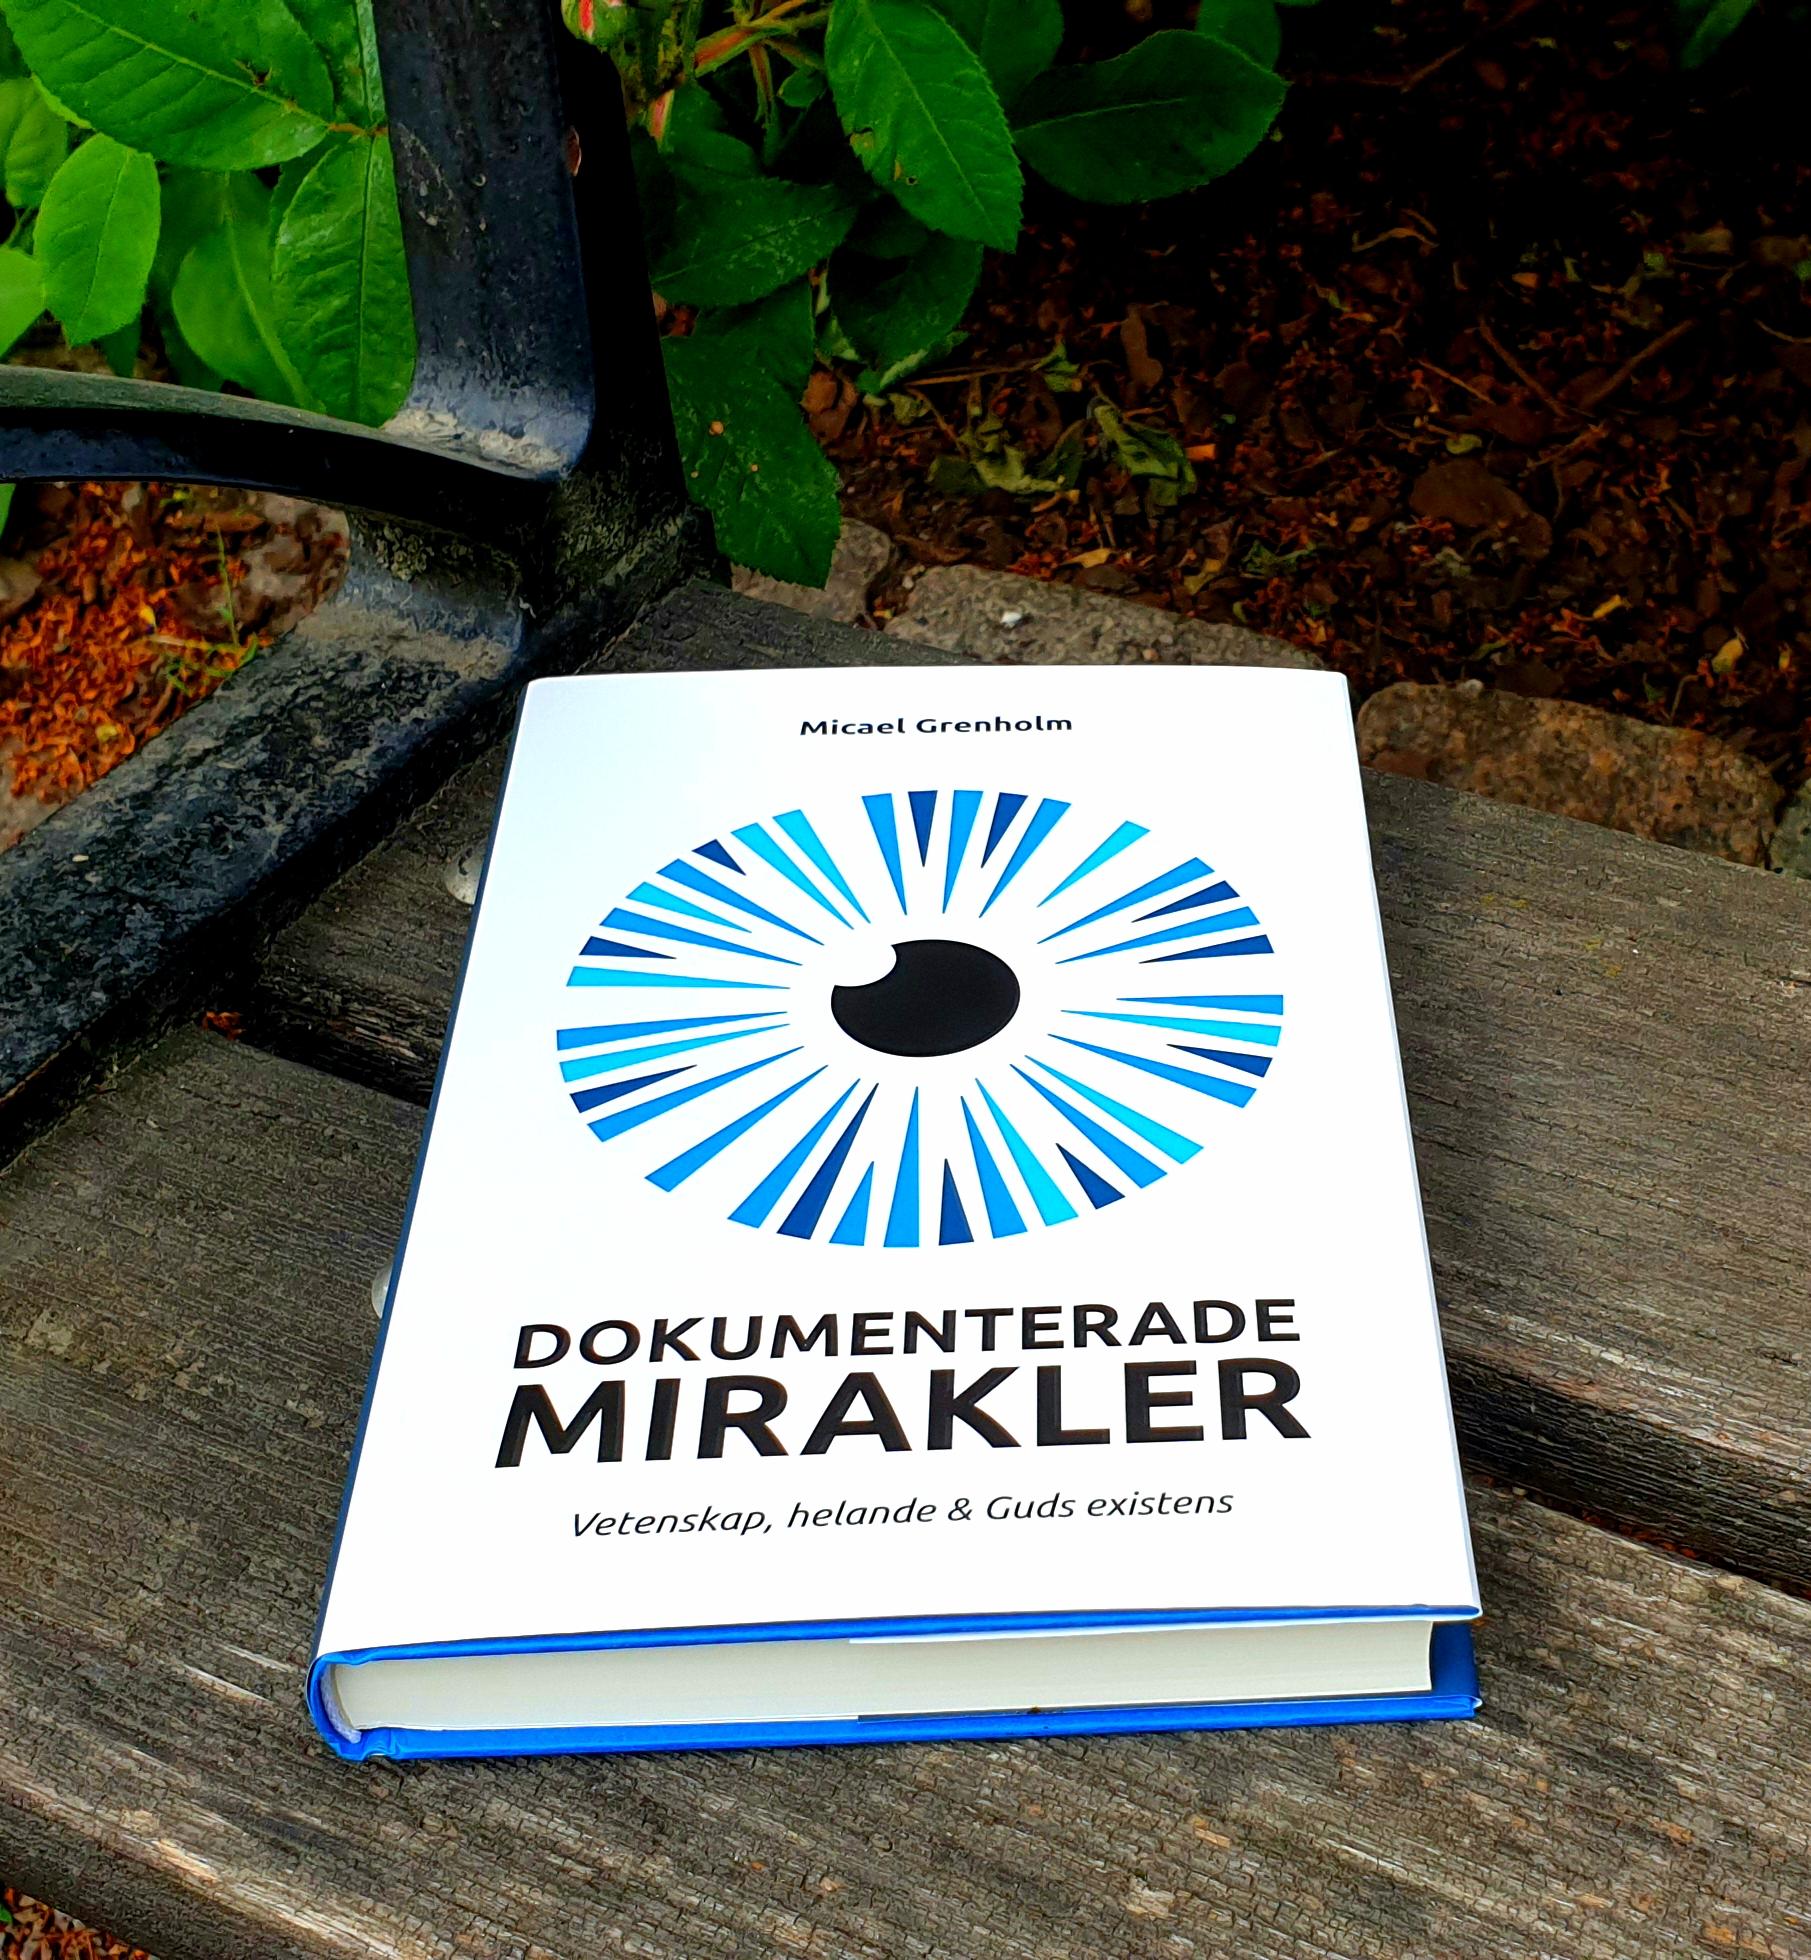 Dokumenterade mirakler bibelbutiken.se